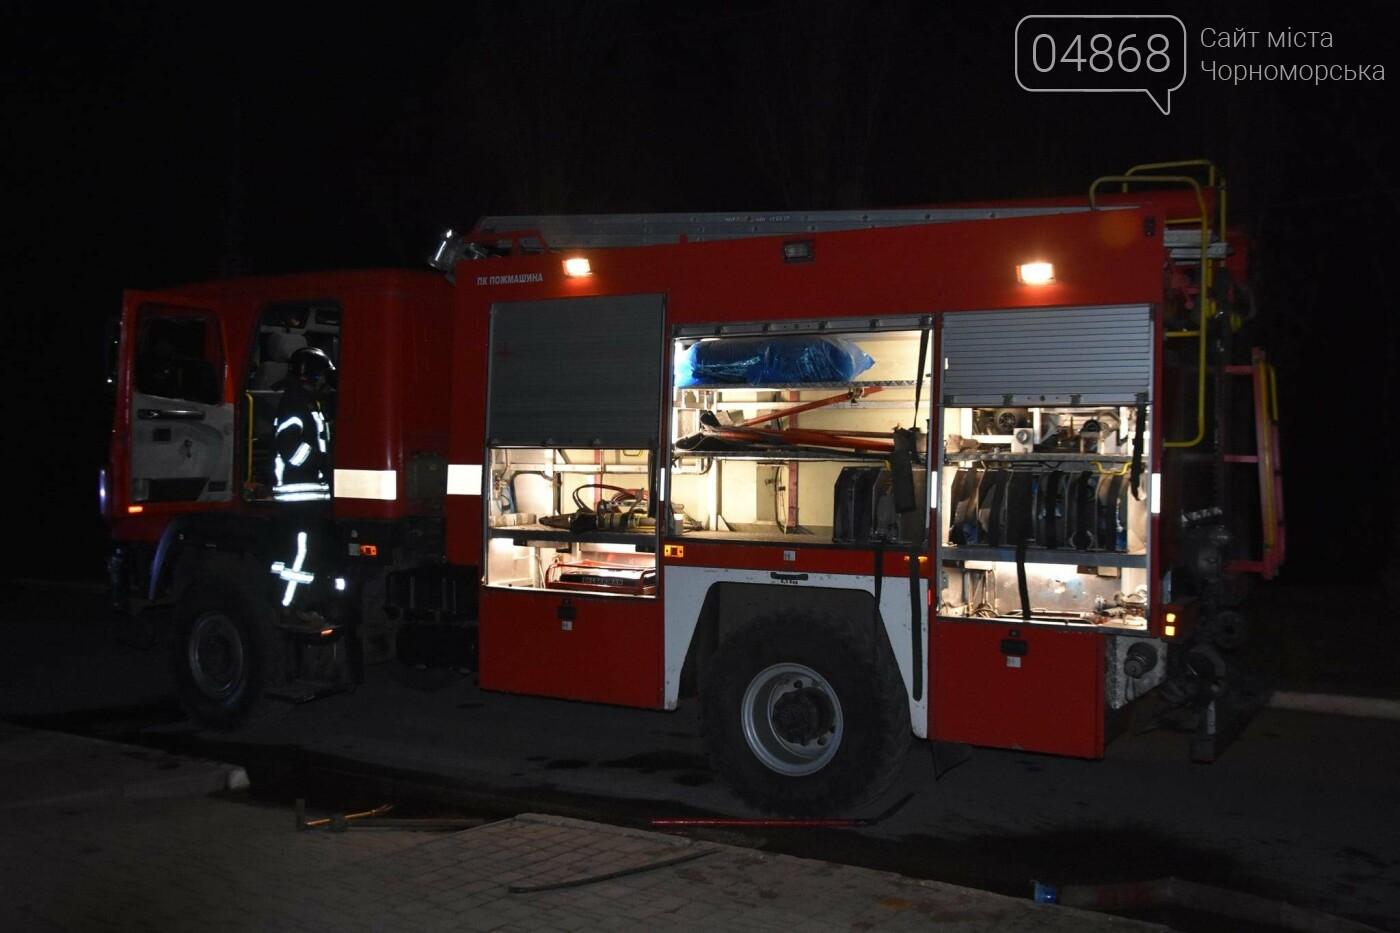 В результате пожара в санатории на Куяльнике пострадал мужчина с инвалидностью, фото-1